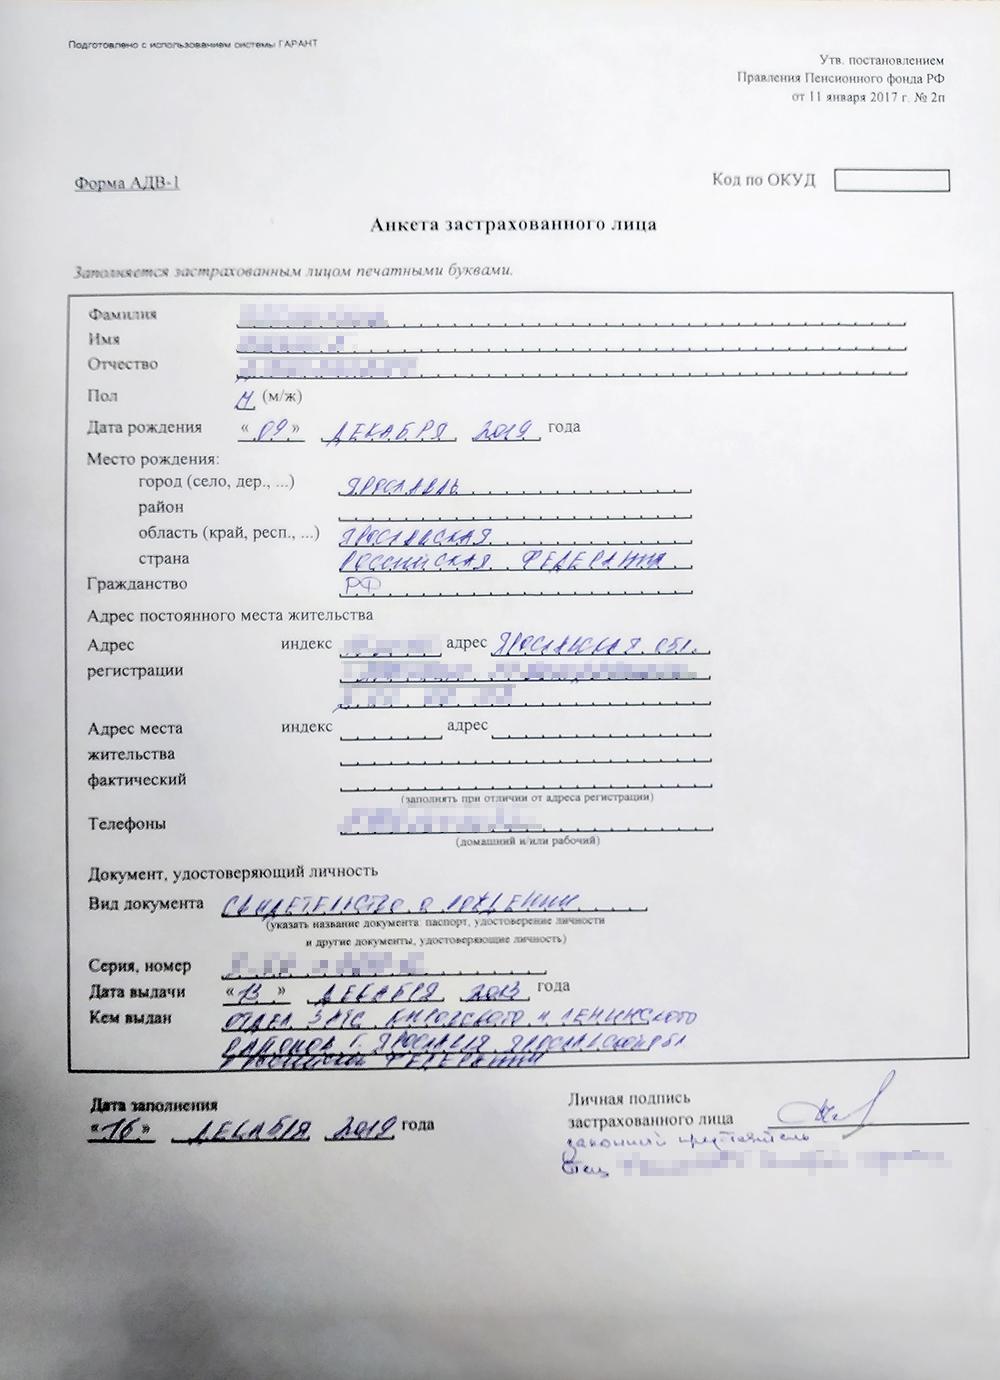 Анкету, как и заявление, нужно заполнить разборчивым почерком